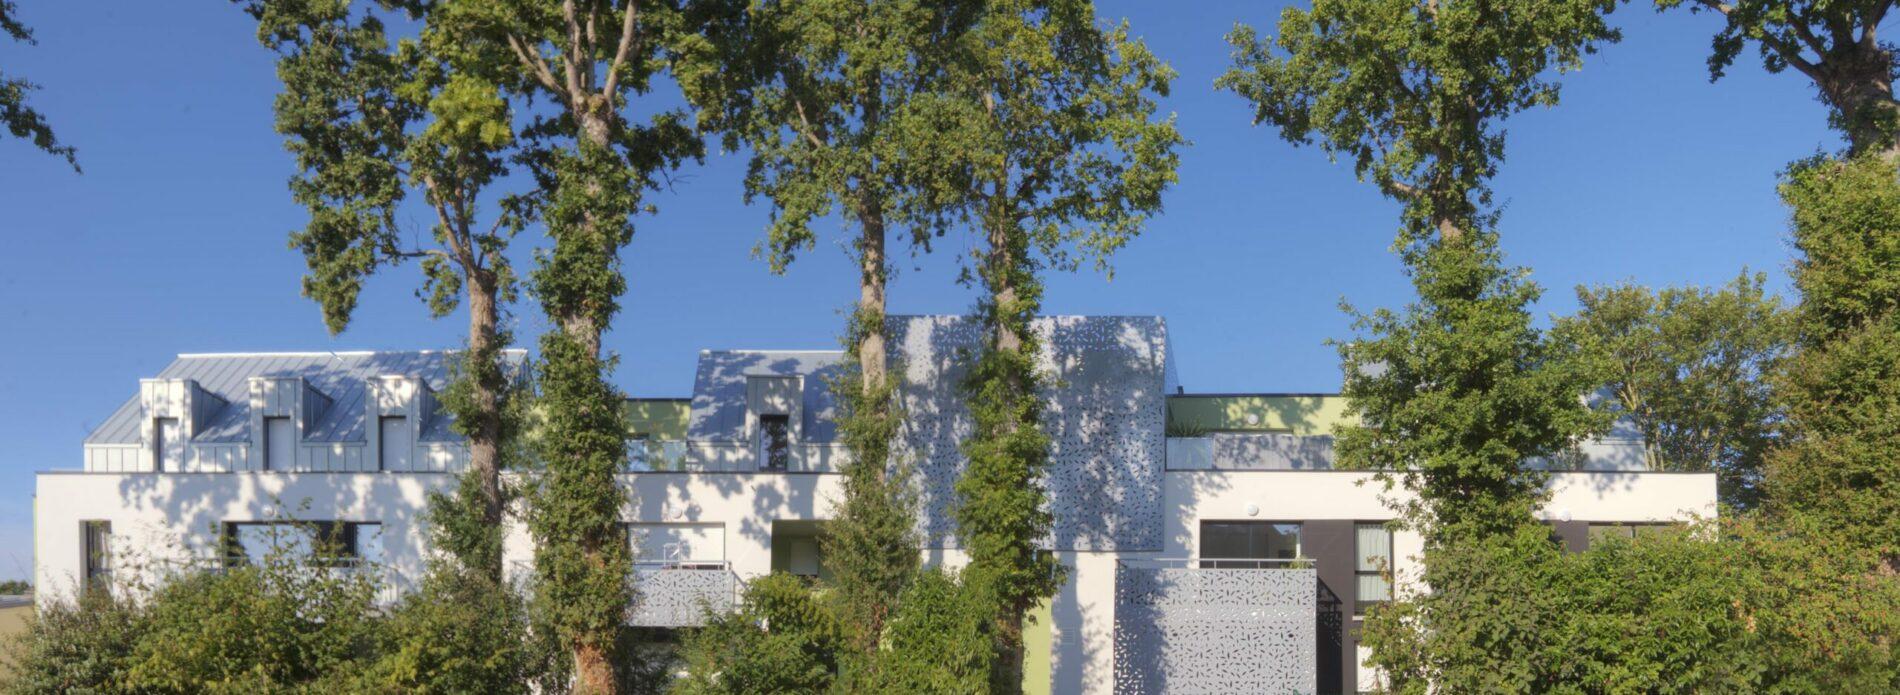 Résidence Les jardins de Lucie ACP Immo